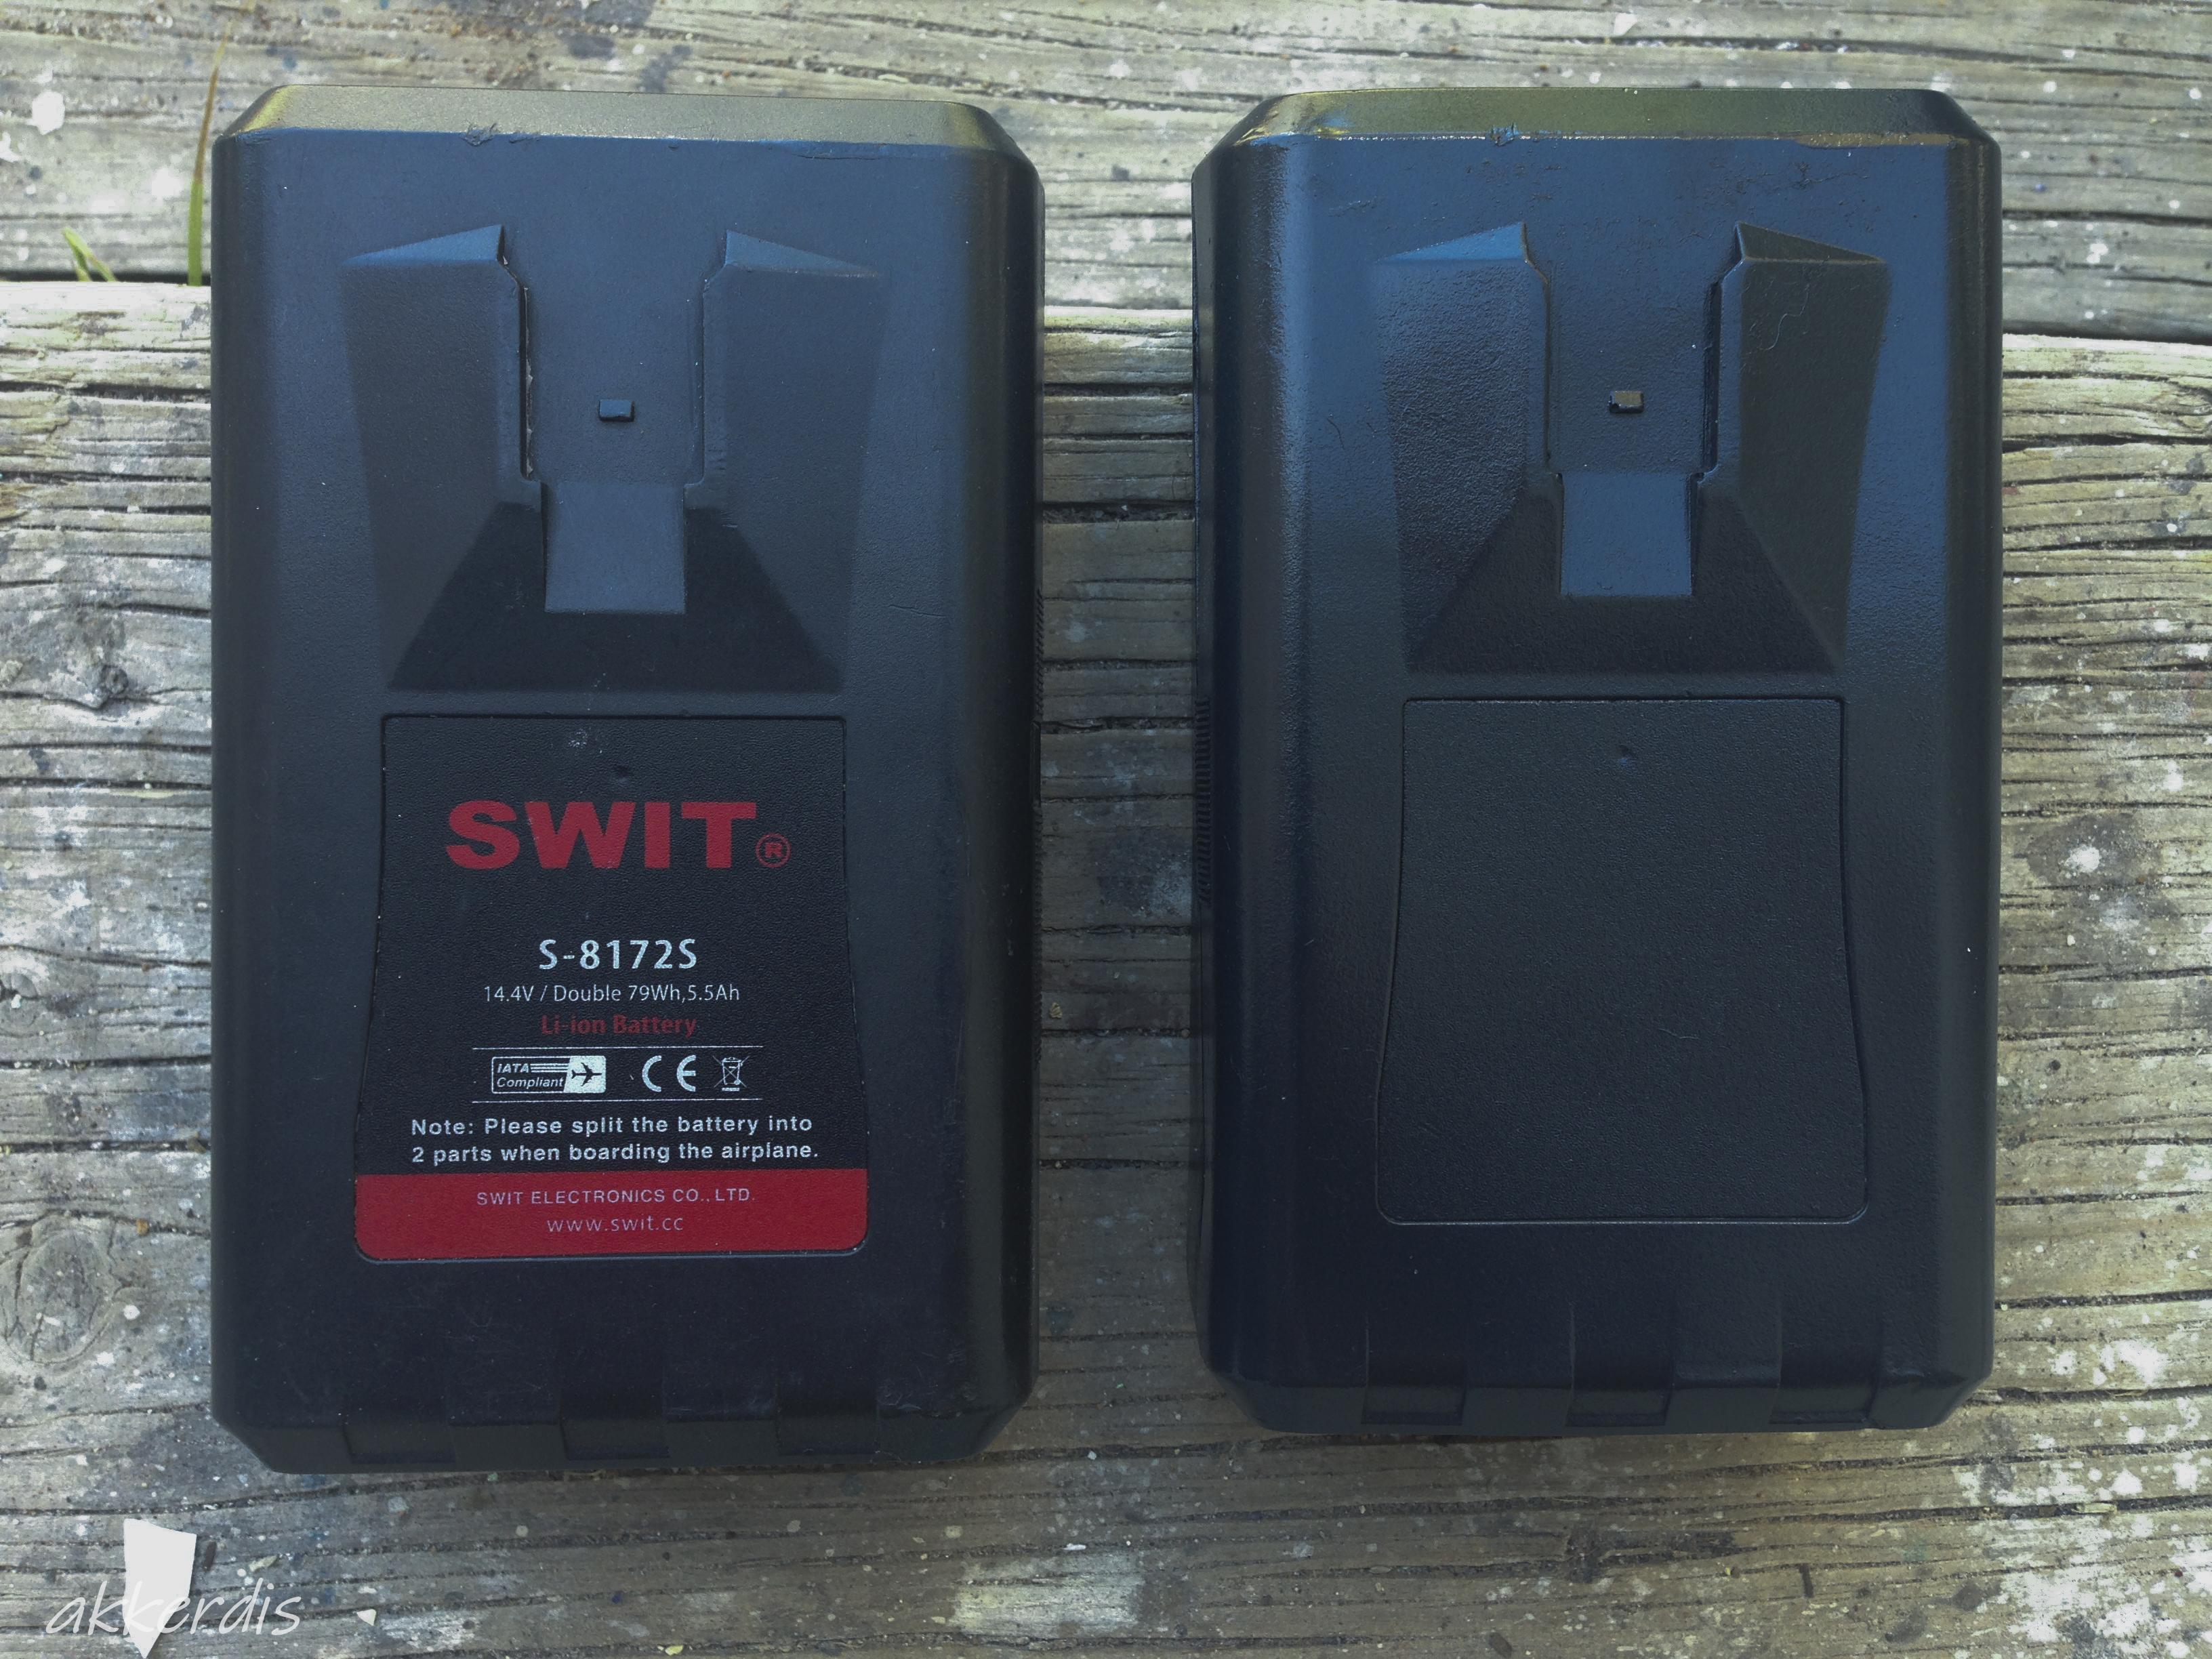 Replica batteries